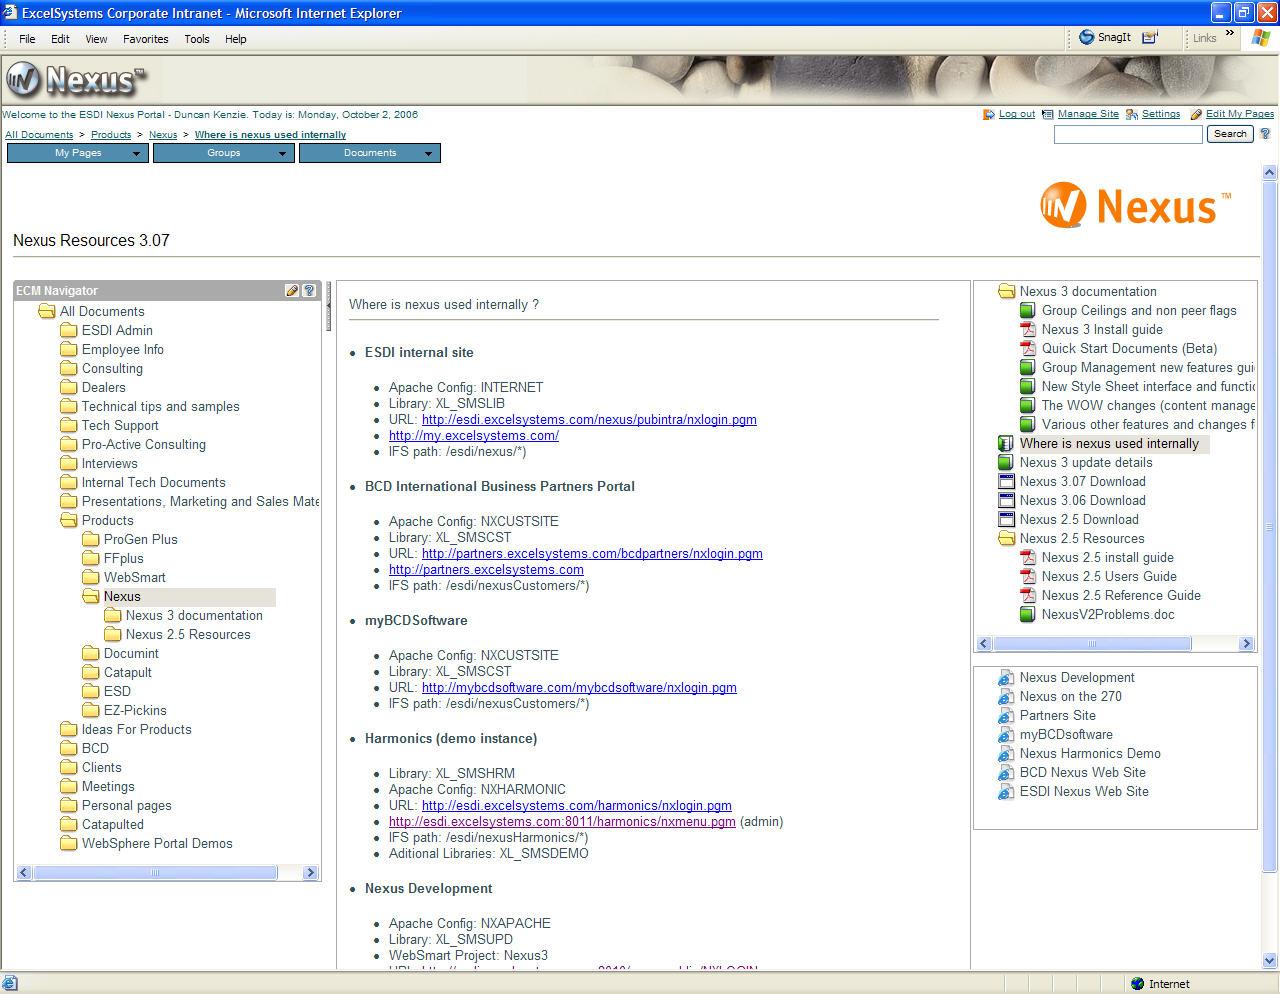 http://www.mcpressonline.com/articles/images/2002/Partner%20Tech%20Tip%20for%20Oct%2020%20MCPress%20Draft1V5--10200601.jpg